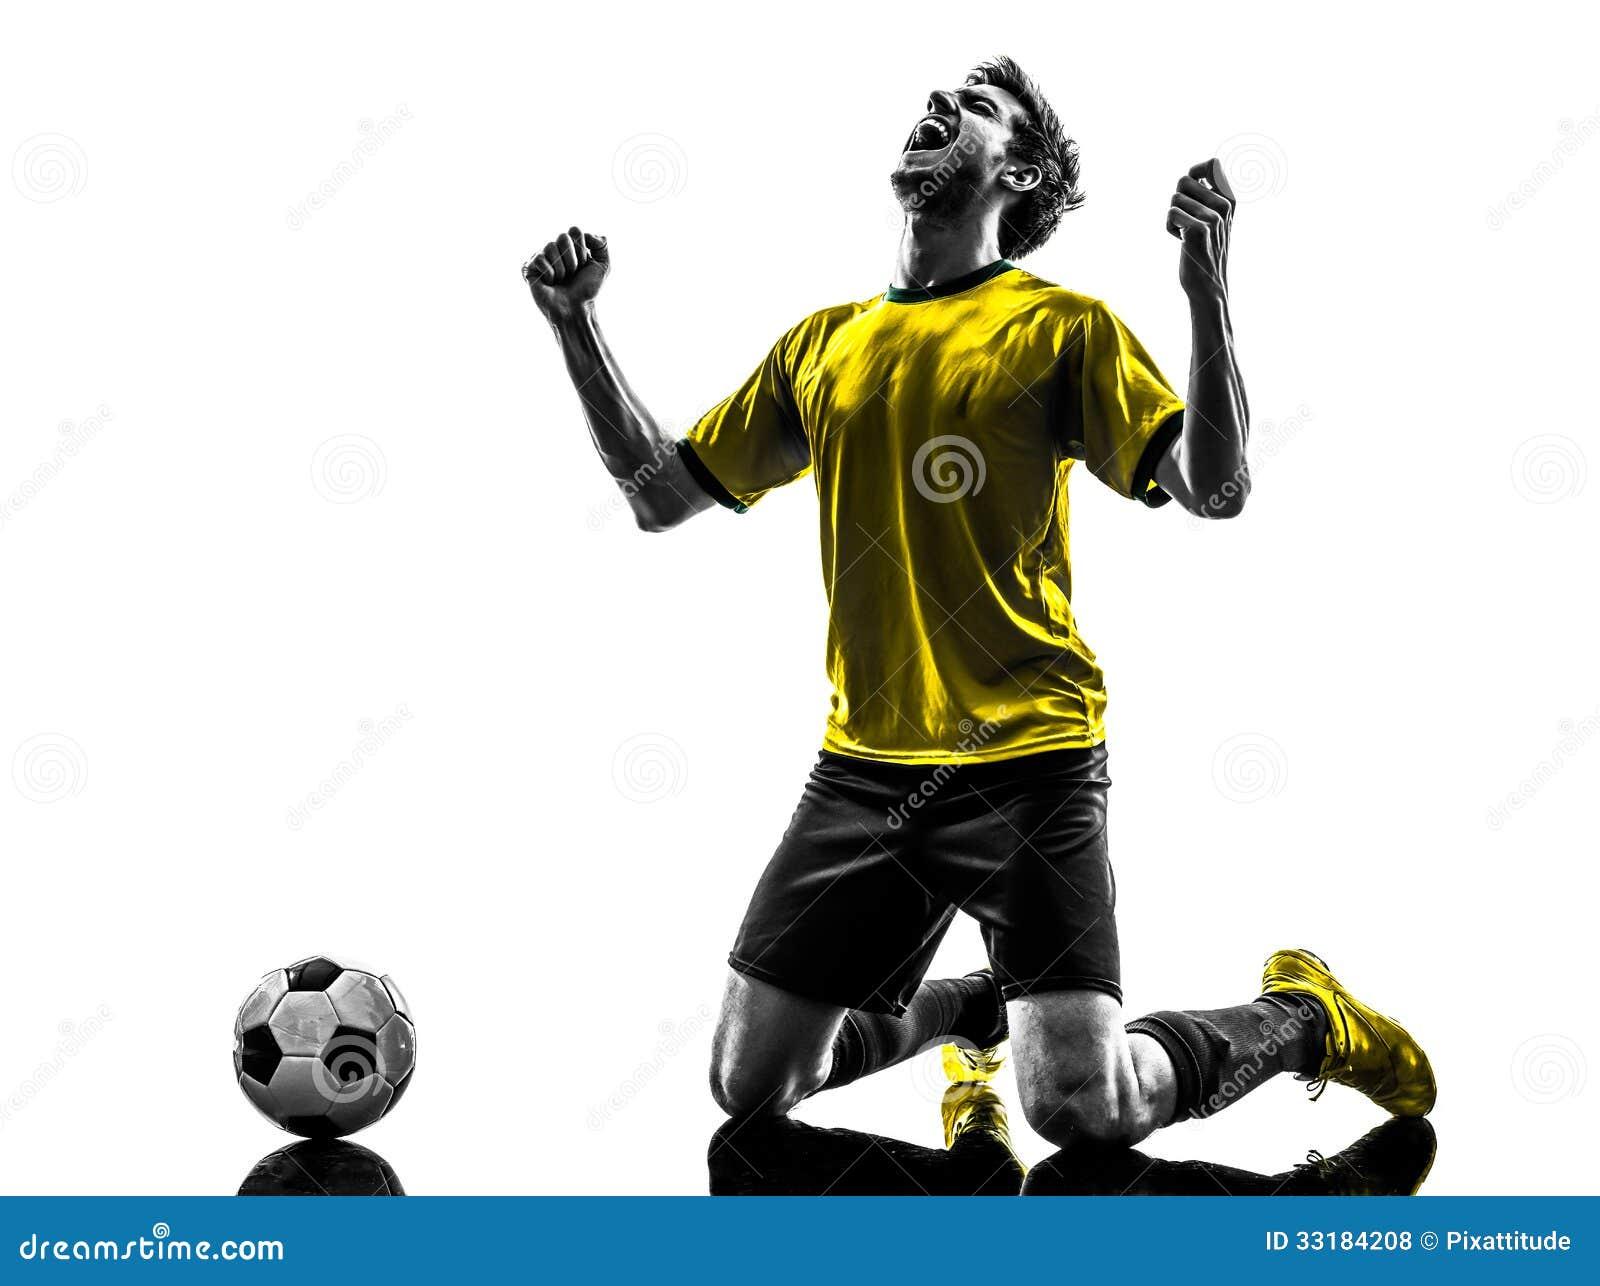 巴西足球足球运动员年轻幸福喜悦下跪ma